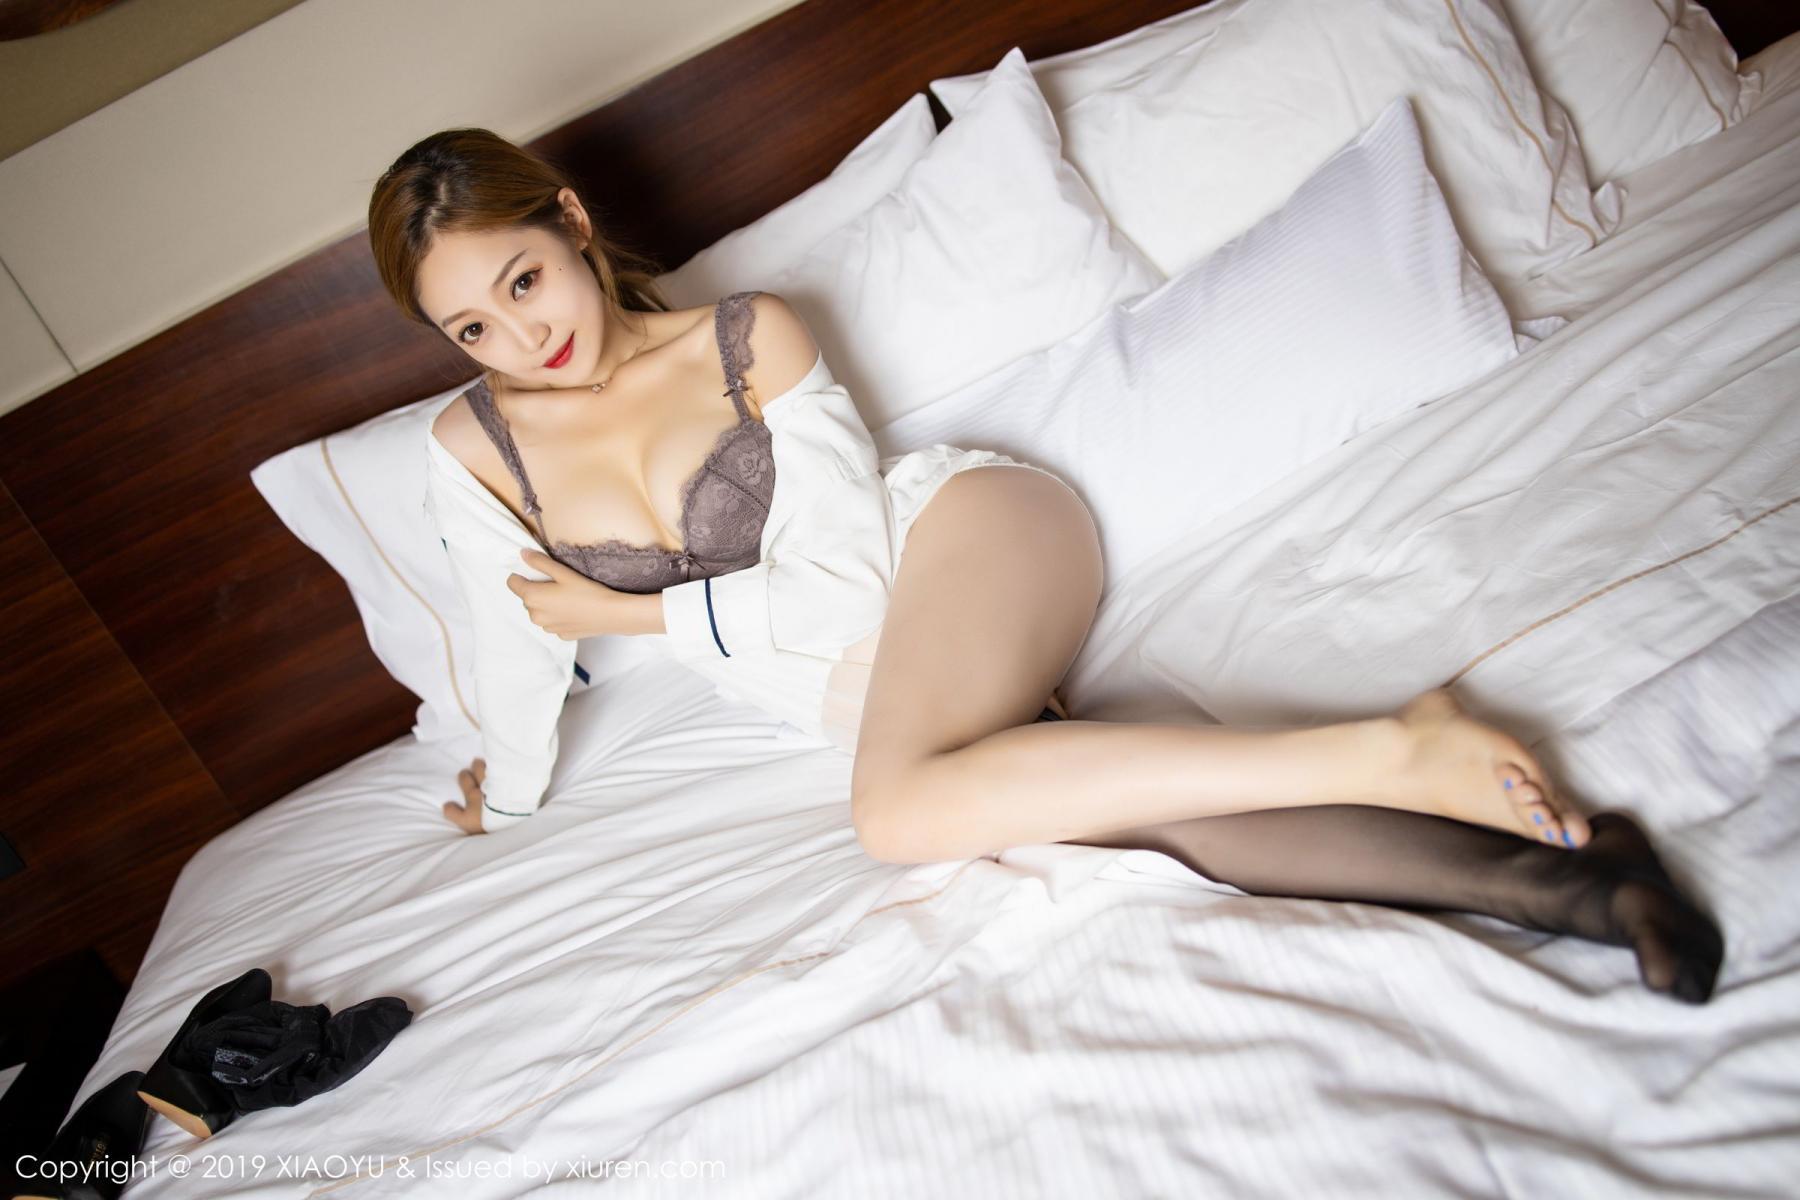 [XiaoYu] Vol.181 Yuner Claire 61P, Black Silk, Underwear, XiaoYu, Yuner Claire